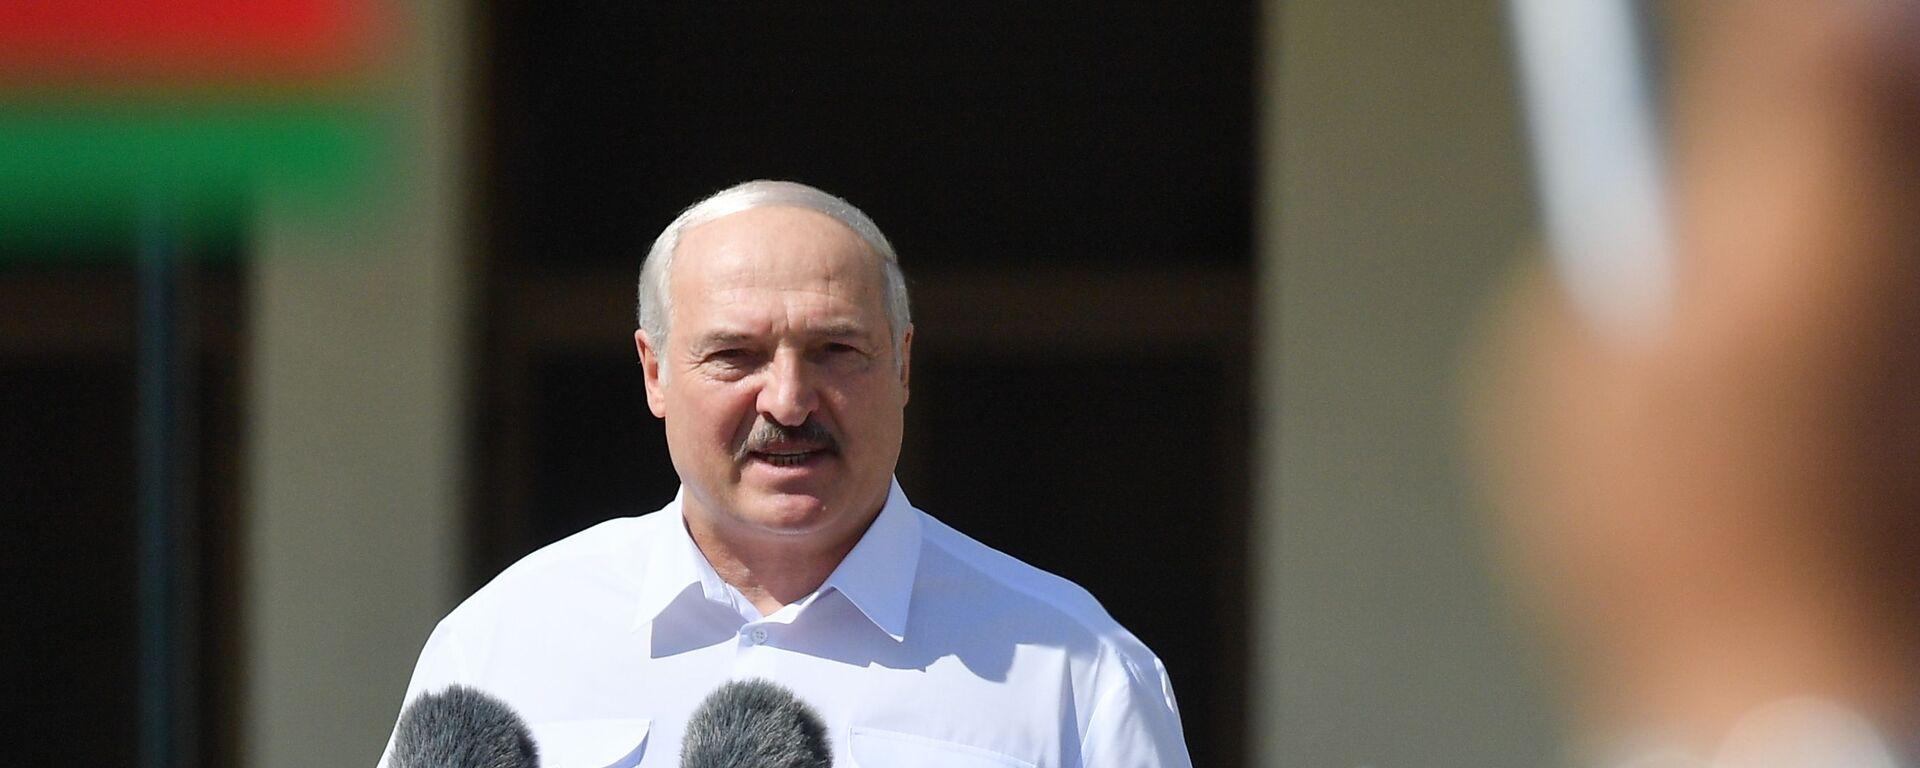 Alexandr Lukashenko. presidente de Bielorrusia - Sputnik Mundo, 1920, 13.07.2021